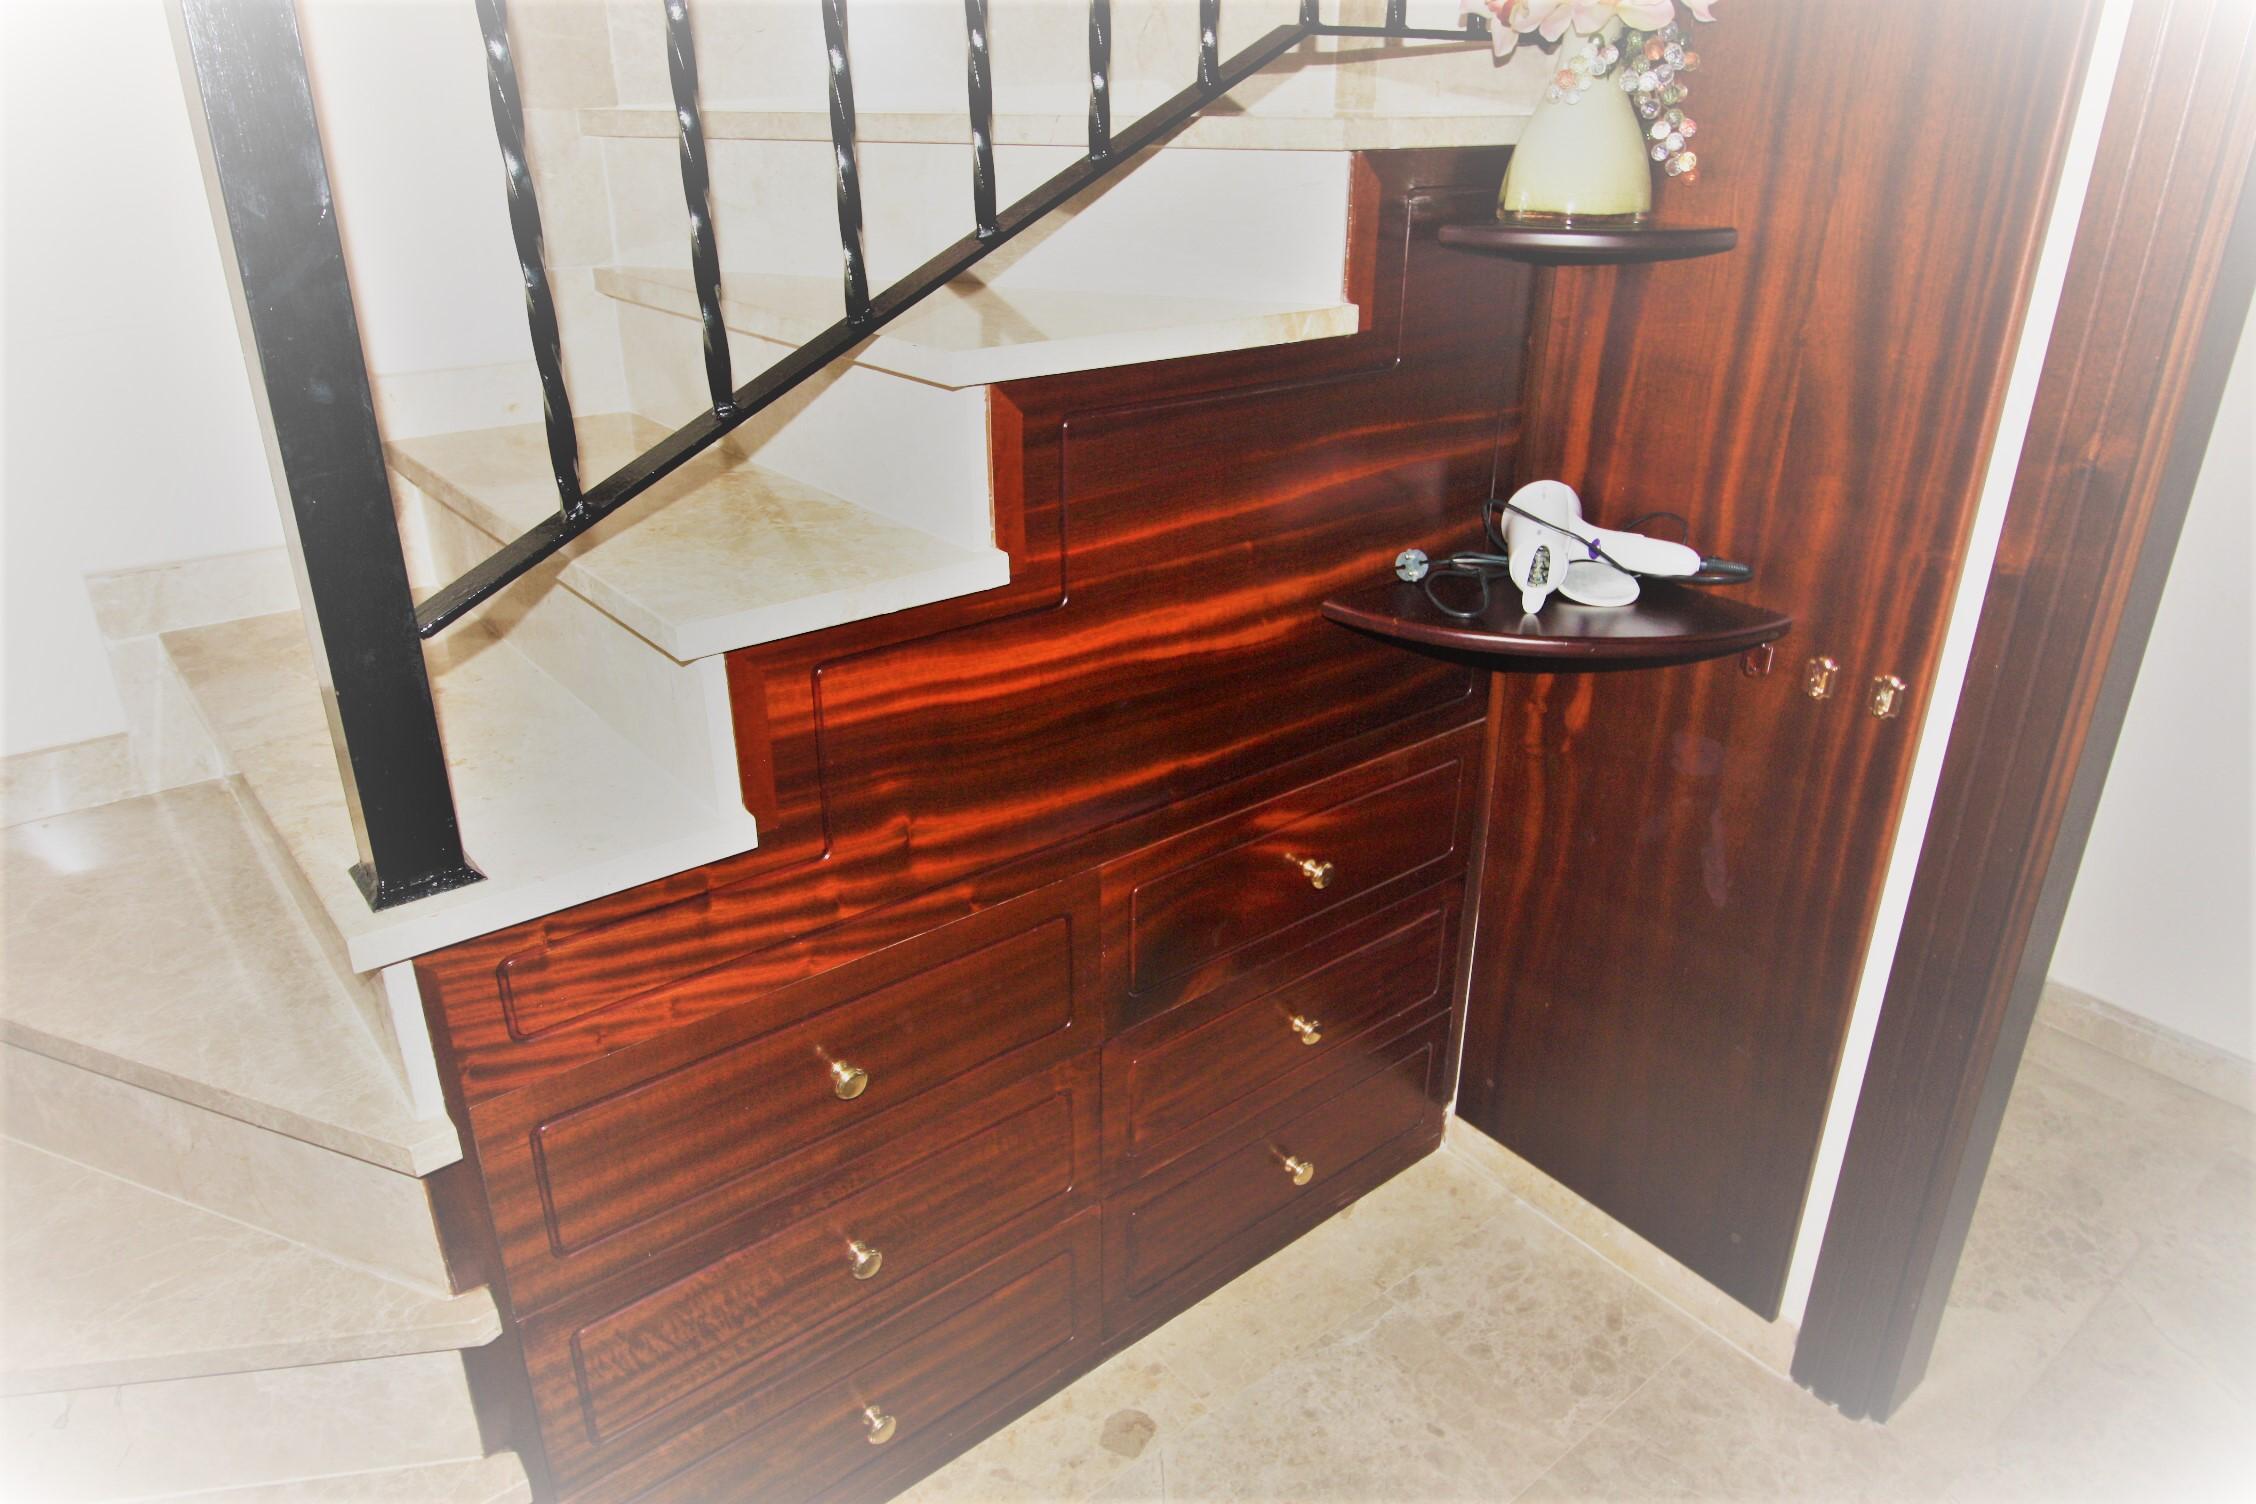 salon location salon de jardin lyon meilleures id es pour la conception et l 39 ameublement du. Black Bedroom Furniture Sets. Home Design Ideas